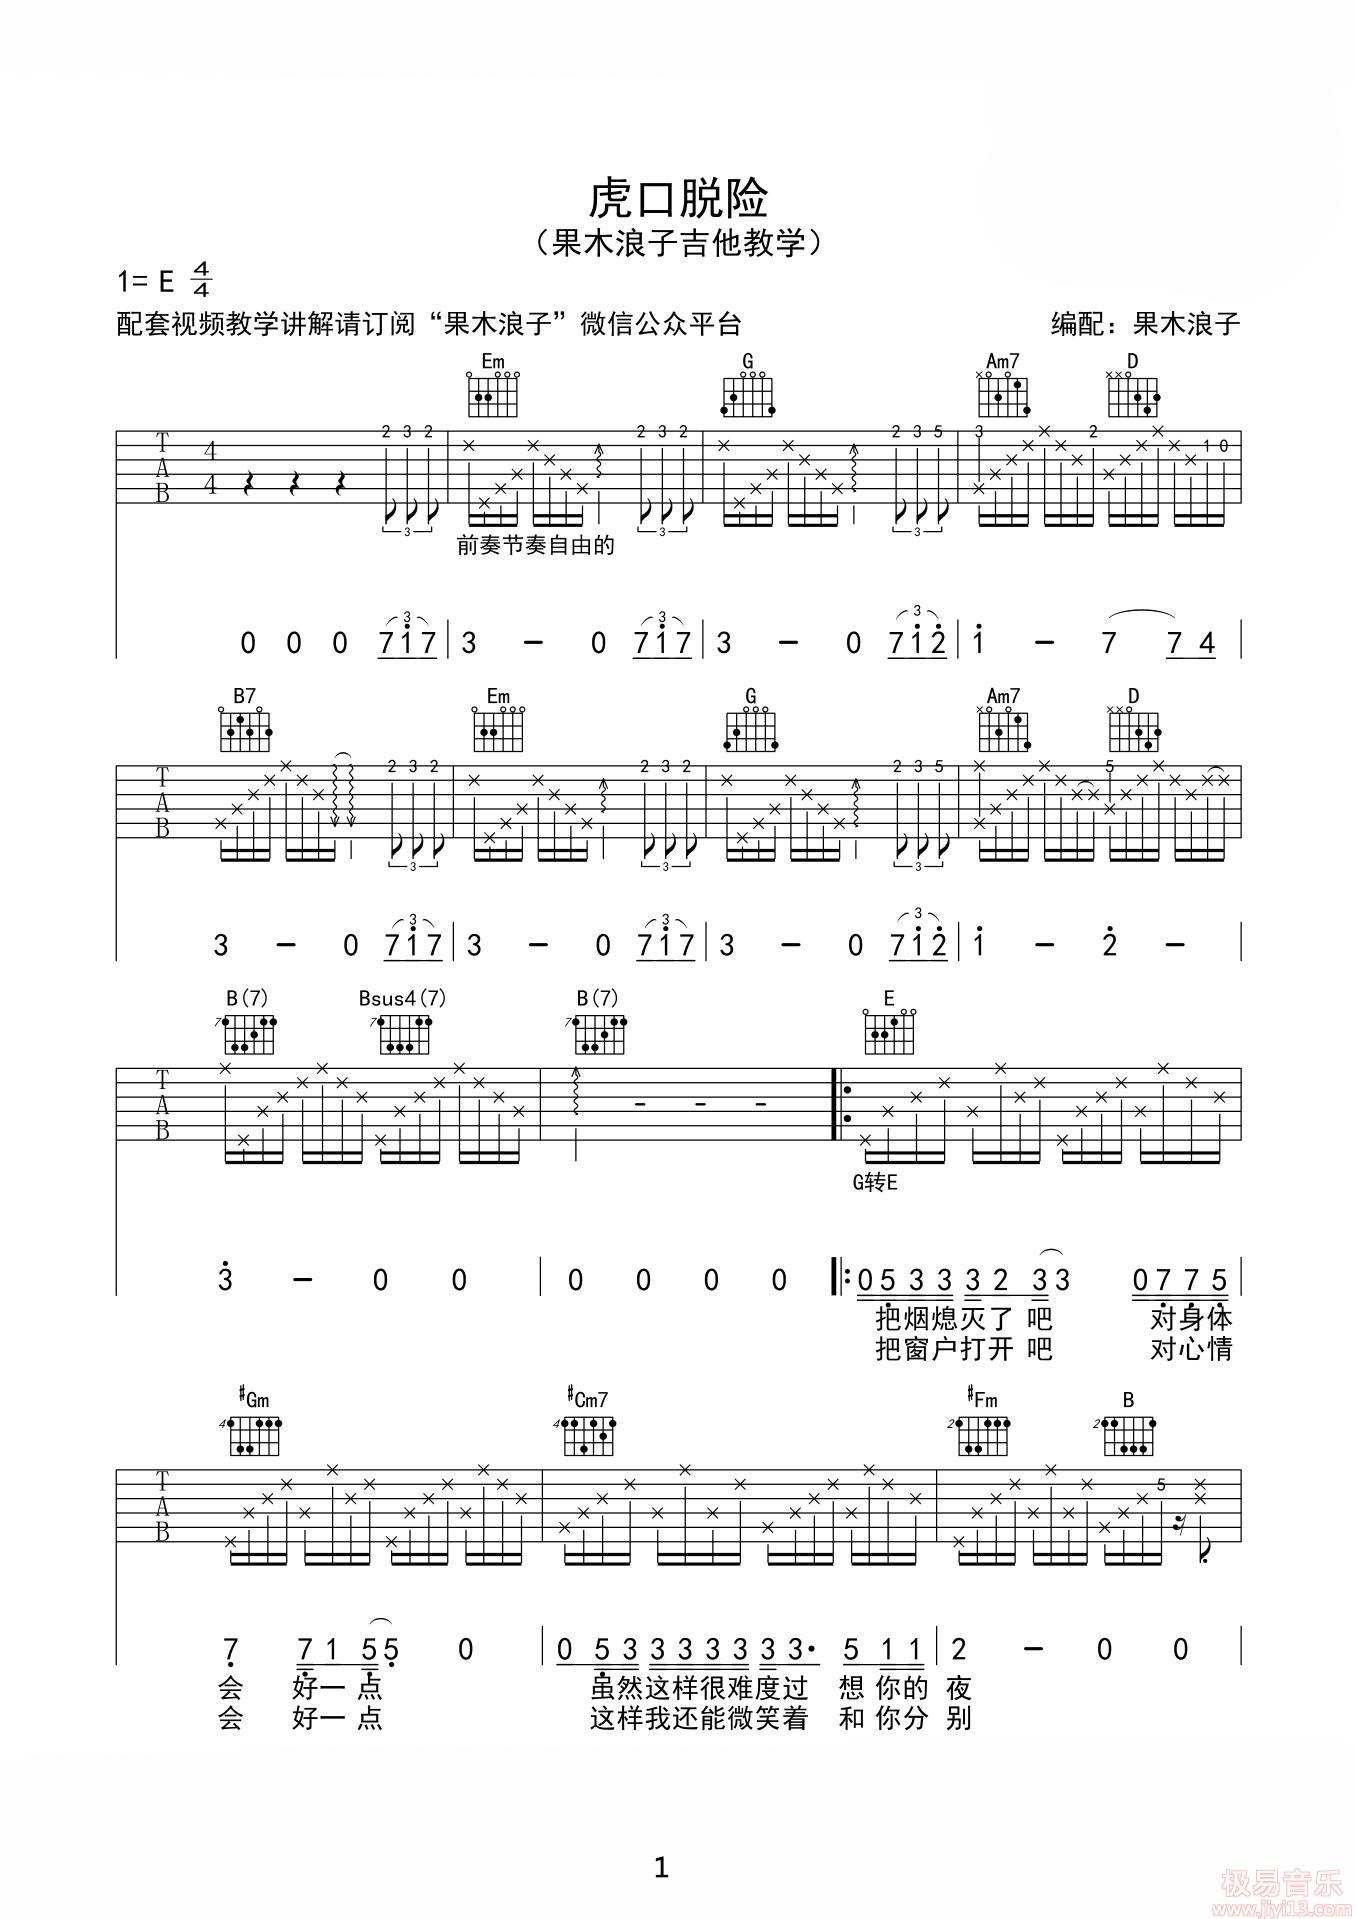 老狼《虎头脱险》高清吉他弹唱谱E调完美版原版编配